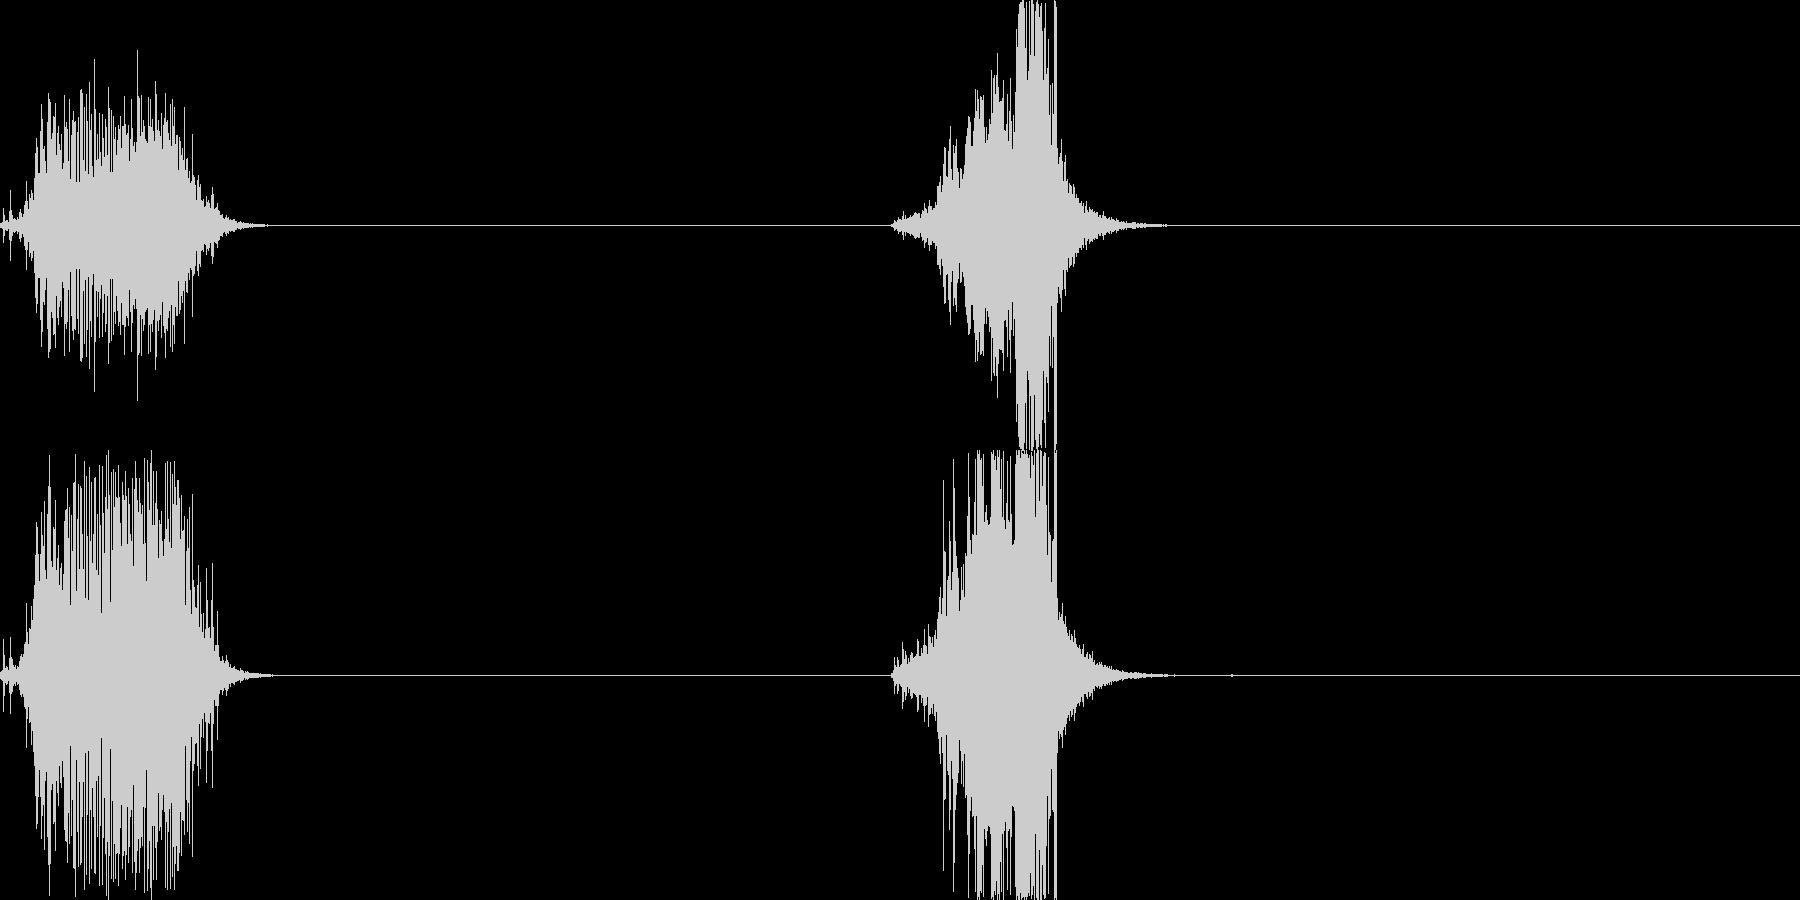 メジャー01の未再生の波形